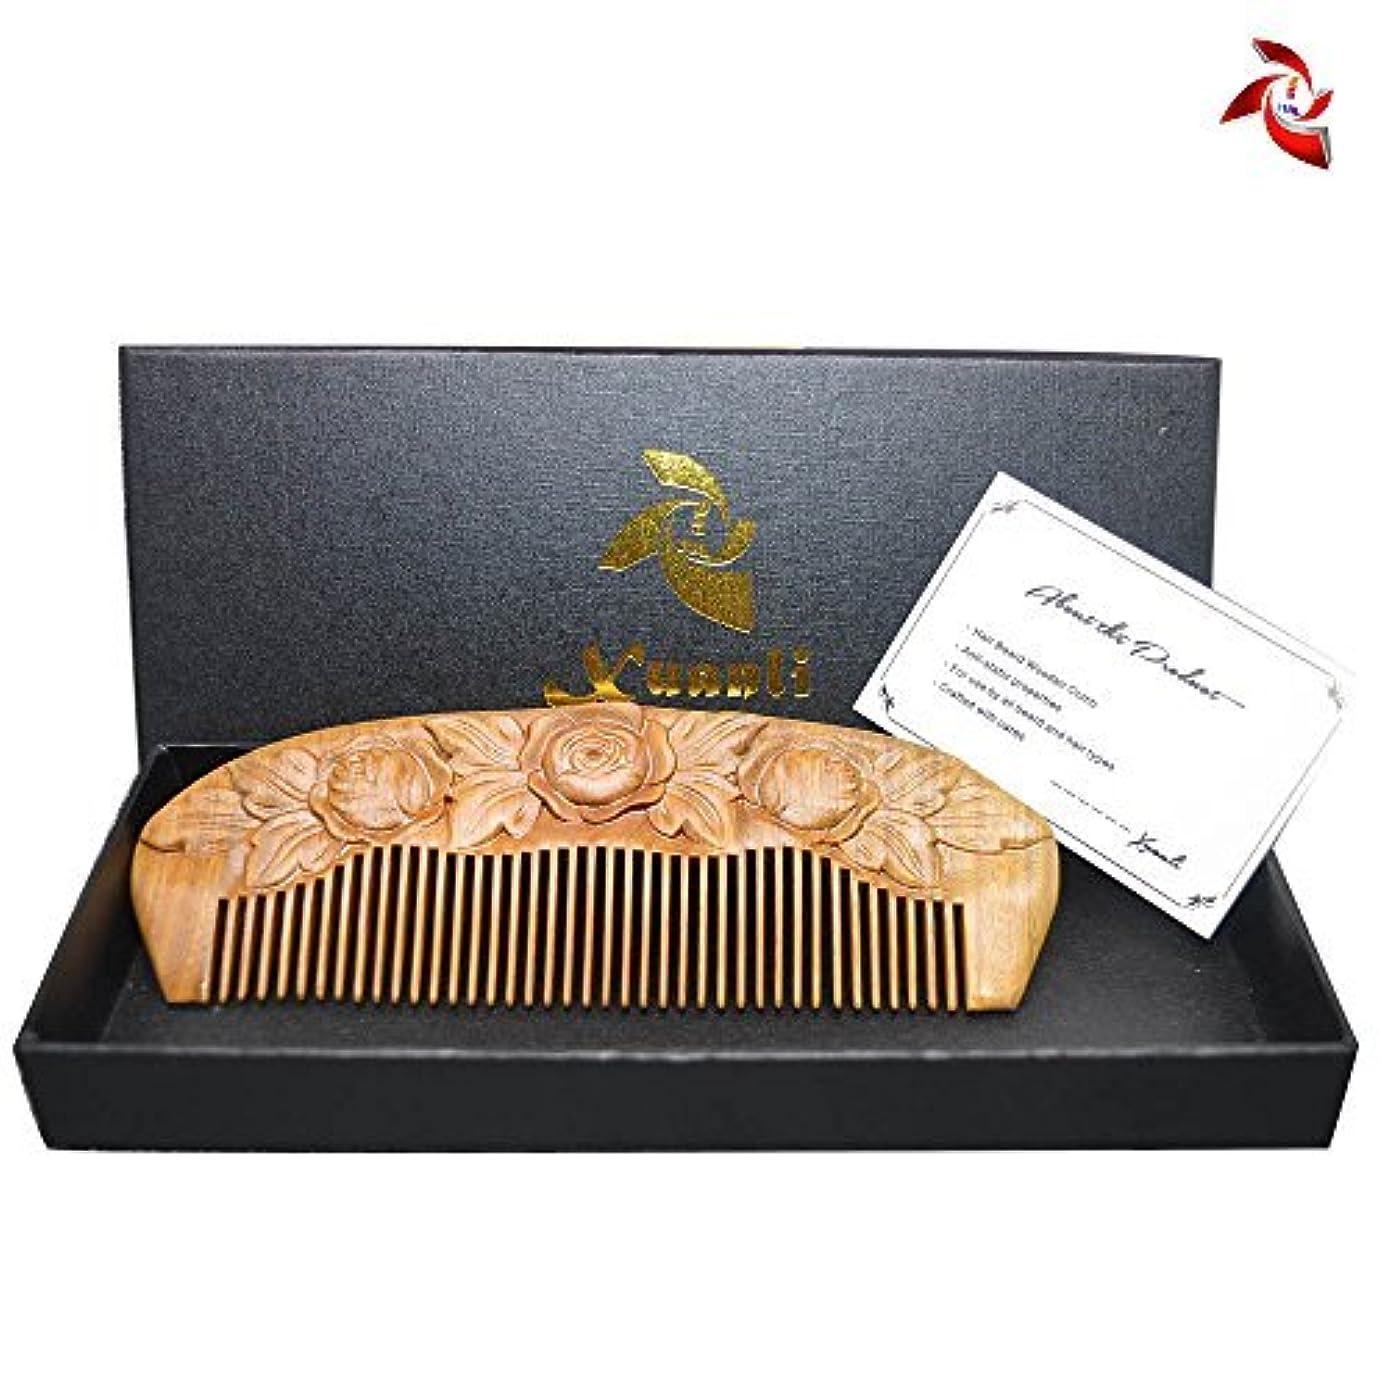 凍結説得力のある努力するXuanli Wood Combs Carving roses design Natural Green Sandalwood Combs Top Quality Handmade Combs For Hair No Static...